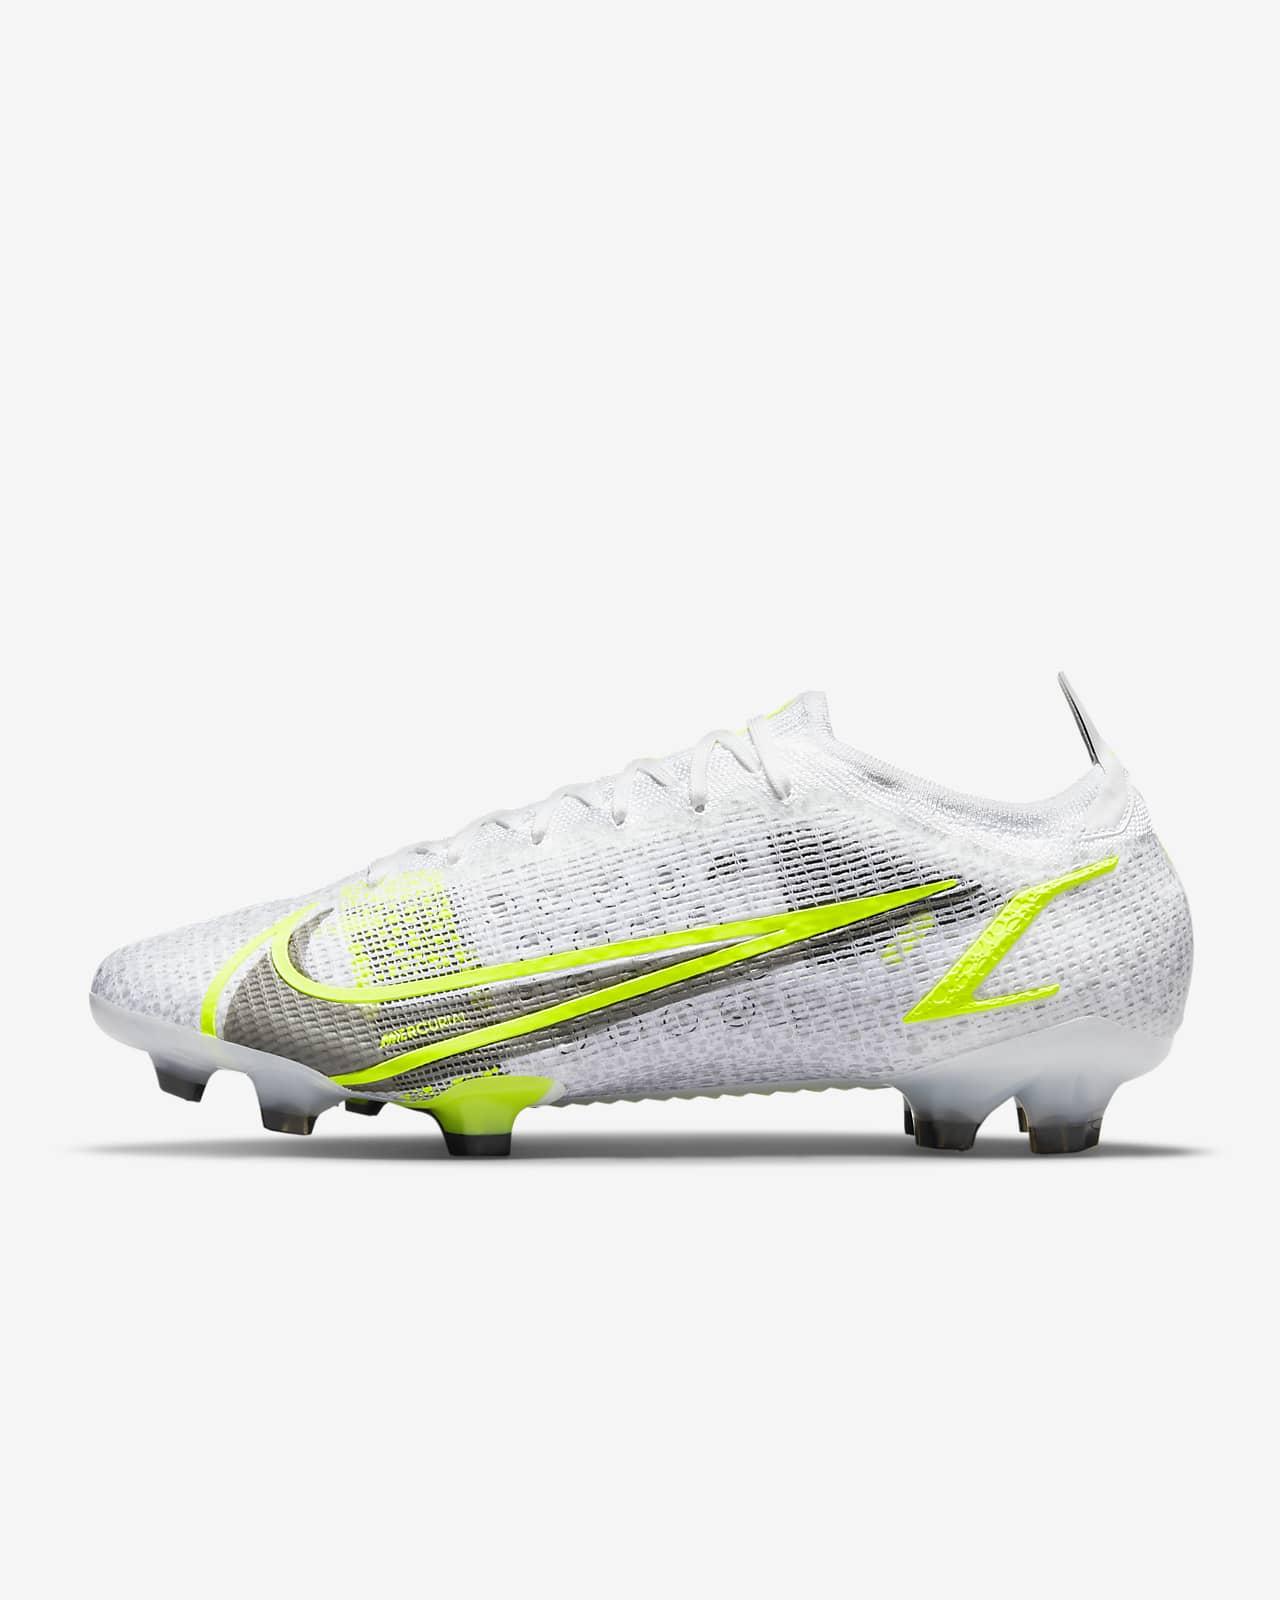 รองเท้าสตั๊ดฟุตบอลสำหรับพื้นสนามทั่วไป Nike Mercurial Vapor 14 Elite FG